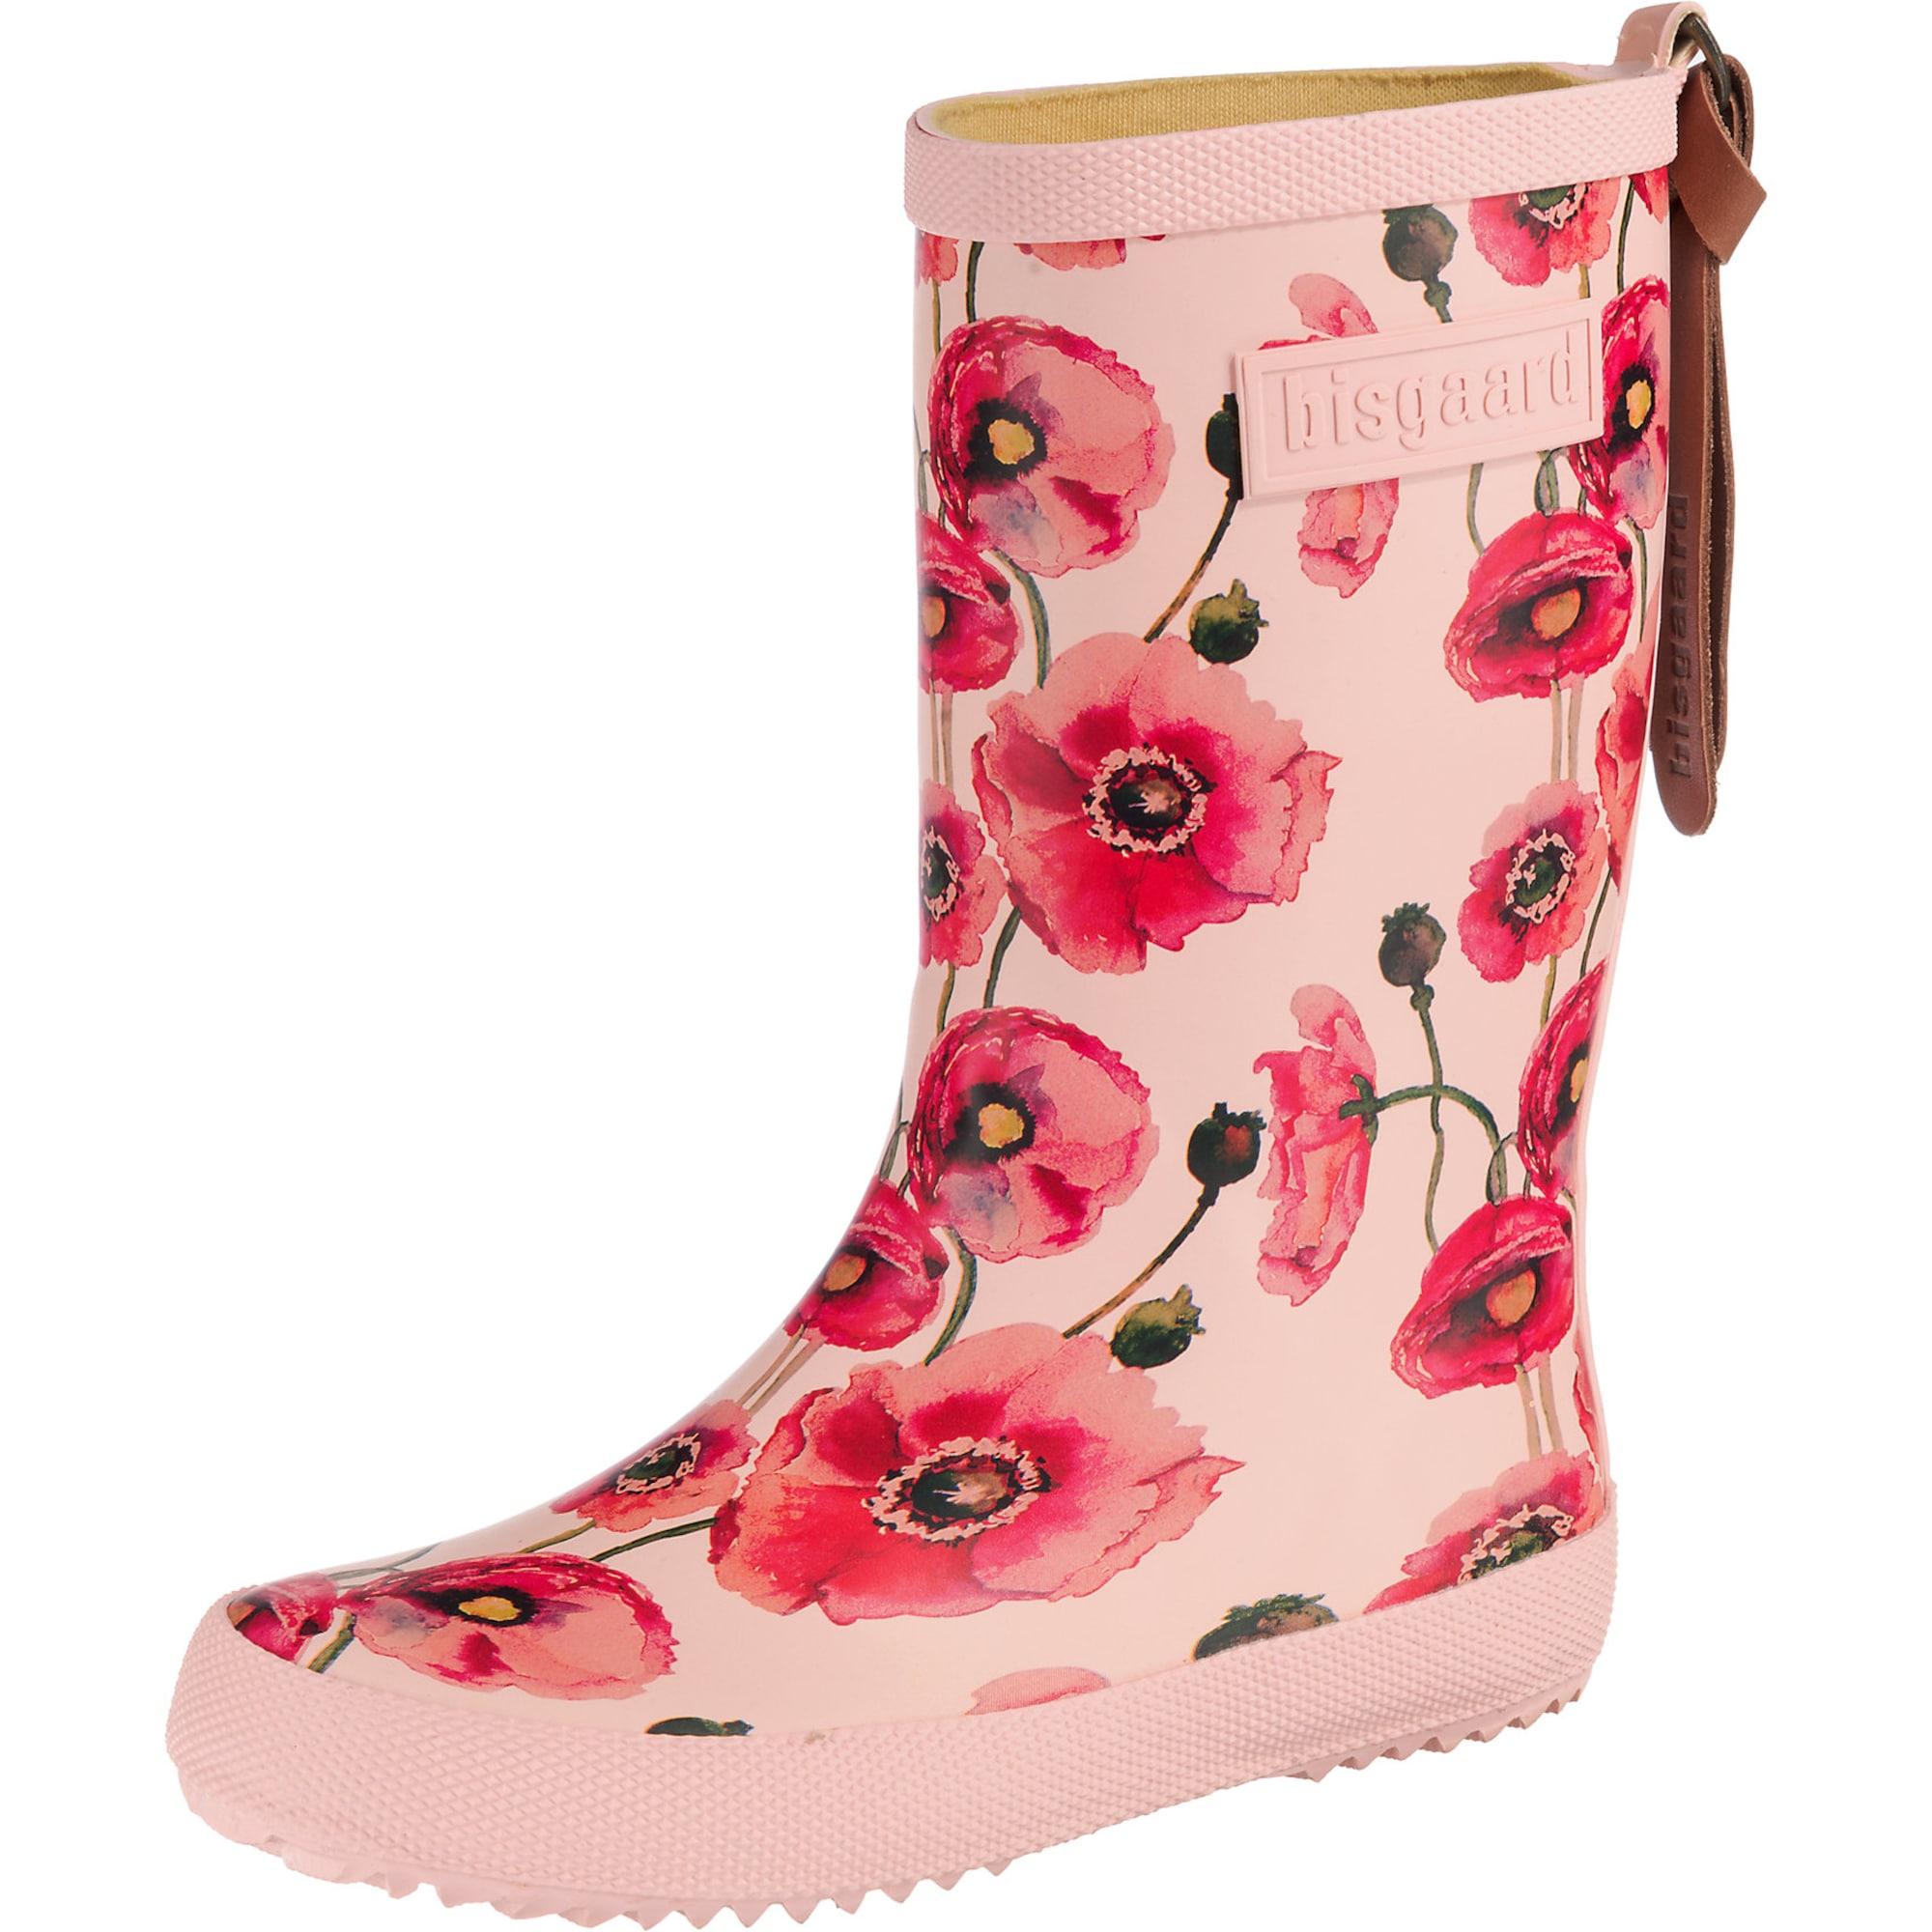 BISGAARD Guminiai batai mišrios spalvos / rožių spalva